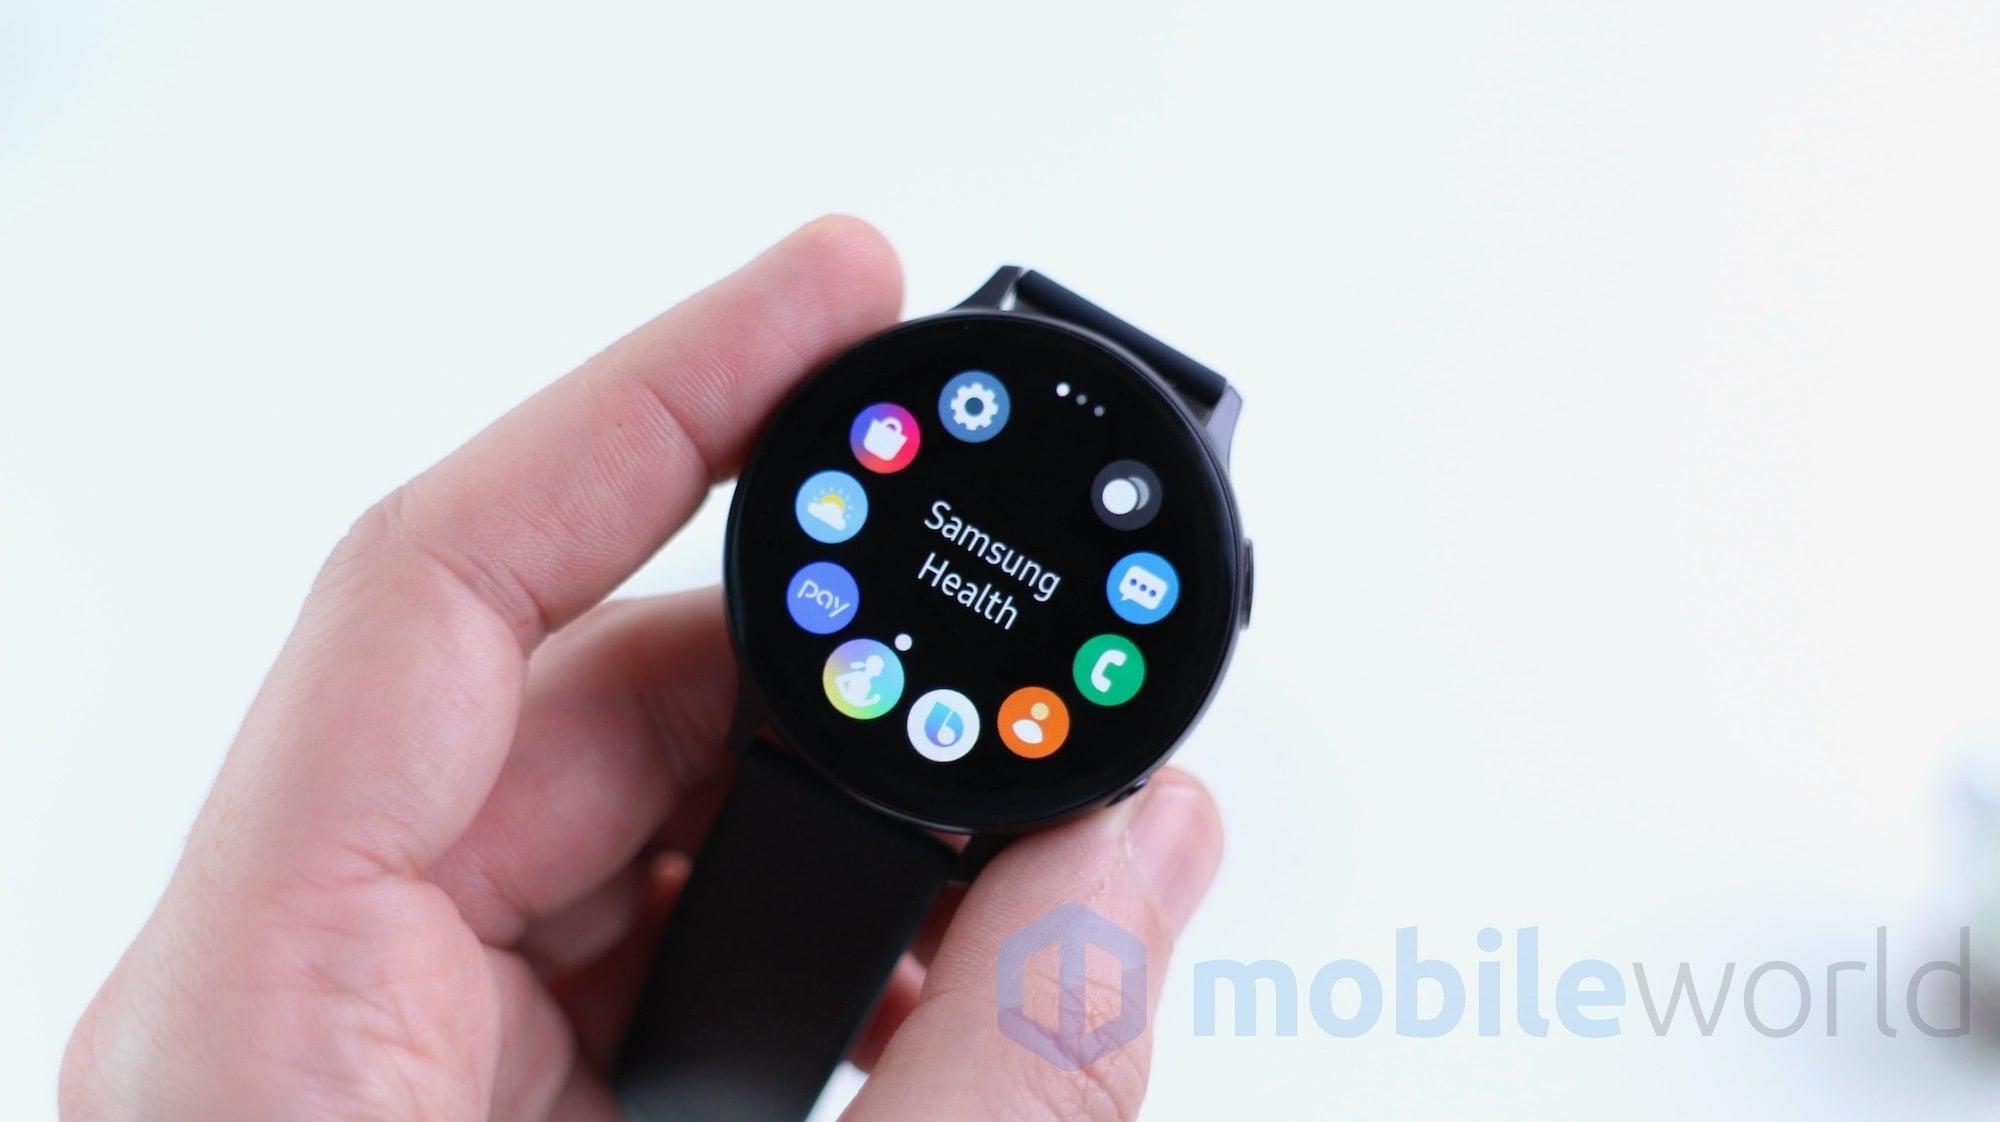 Samsung Health sta per dire addio al monitoraggio del peso, caffeina e cibo consumato